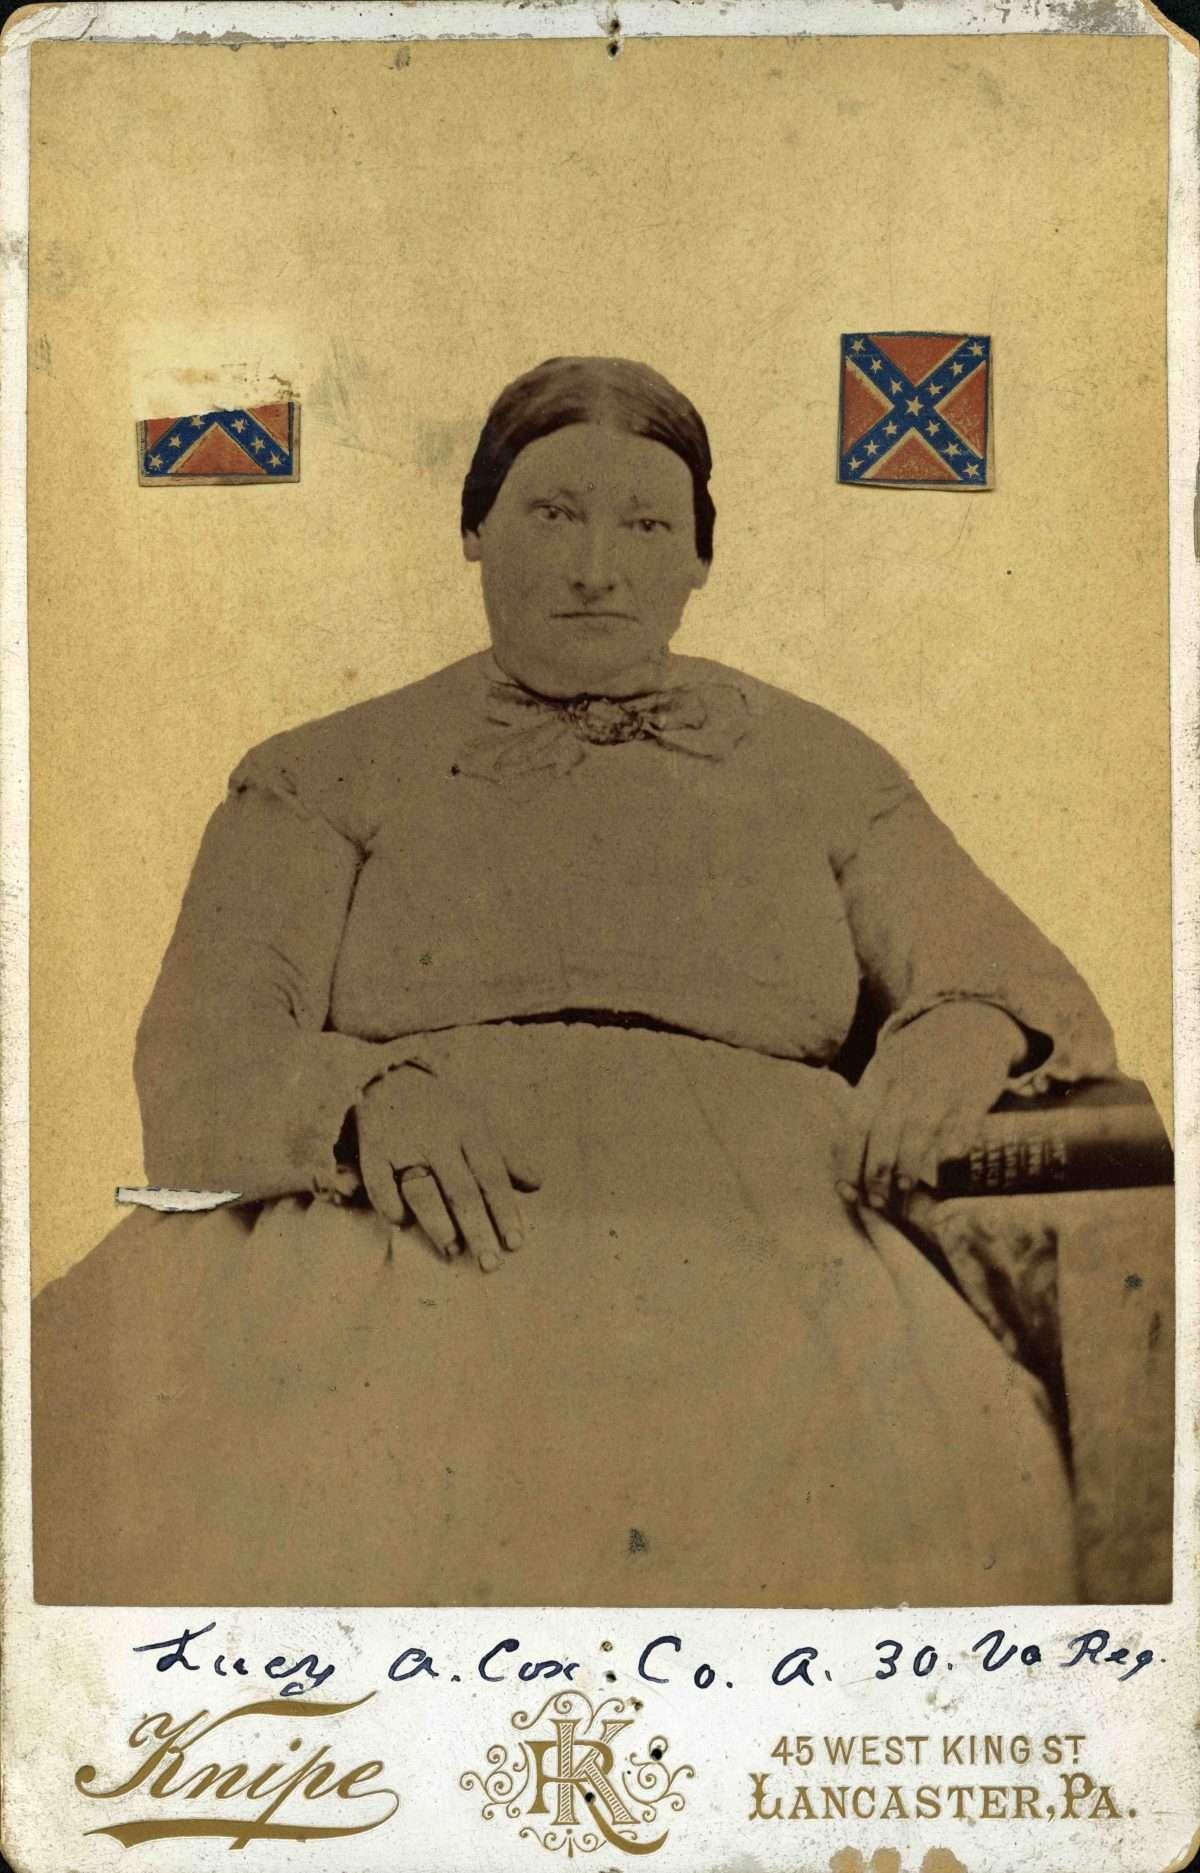 Lucy Ann Cox